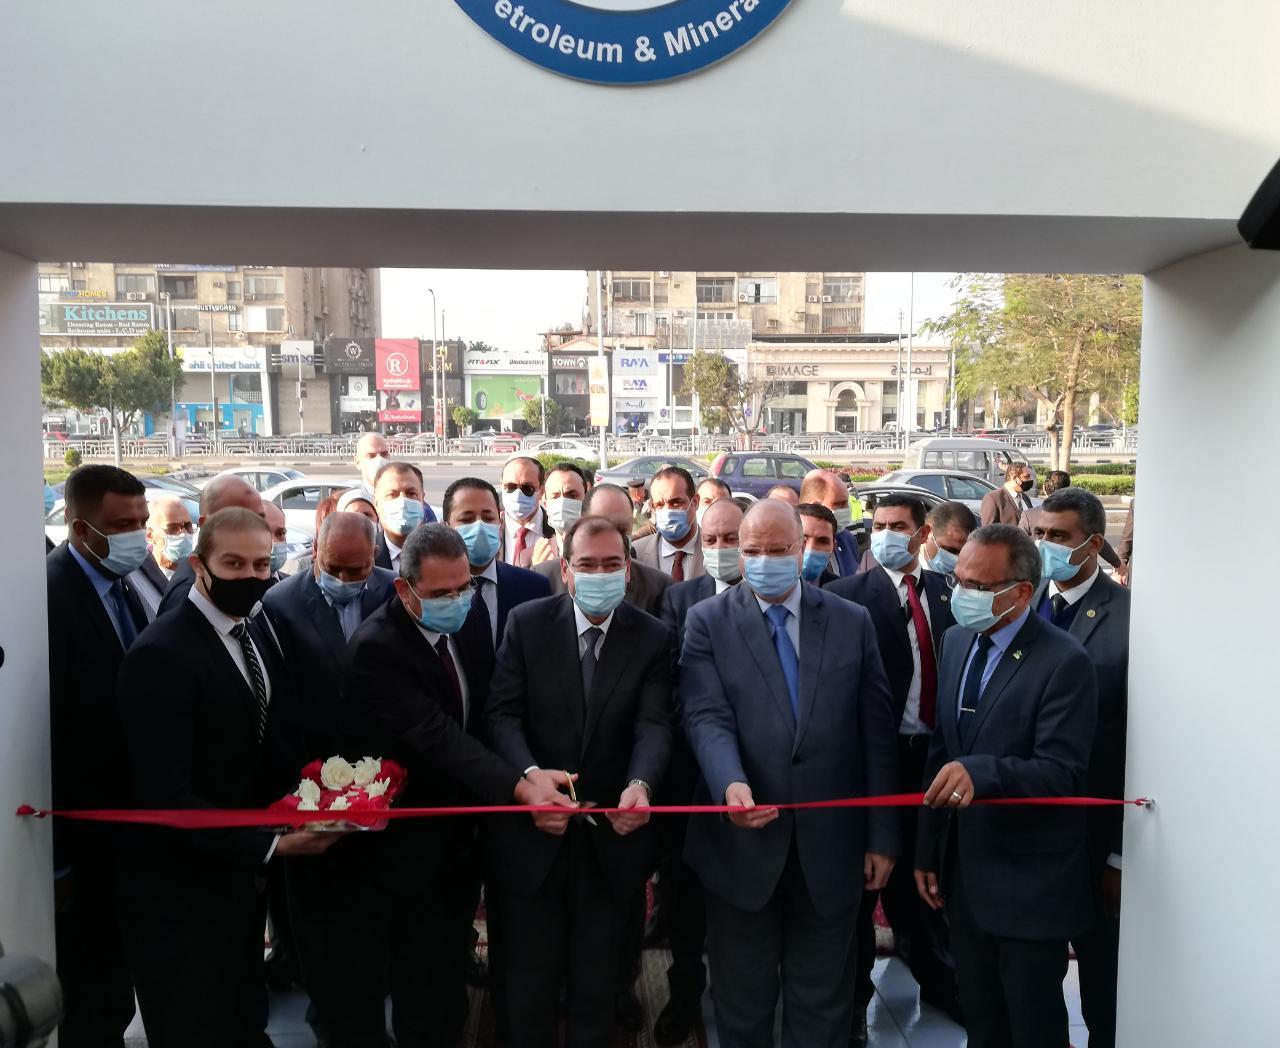 افتتاح الوزير لمحطة الاستاد لتموين السيارات بالغاز